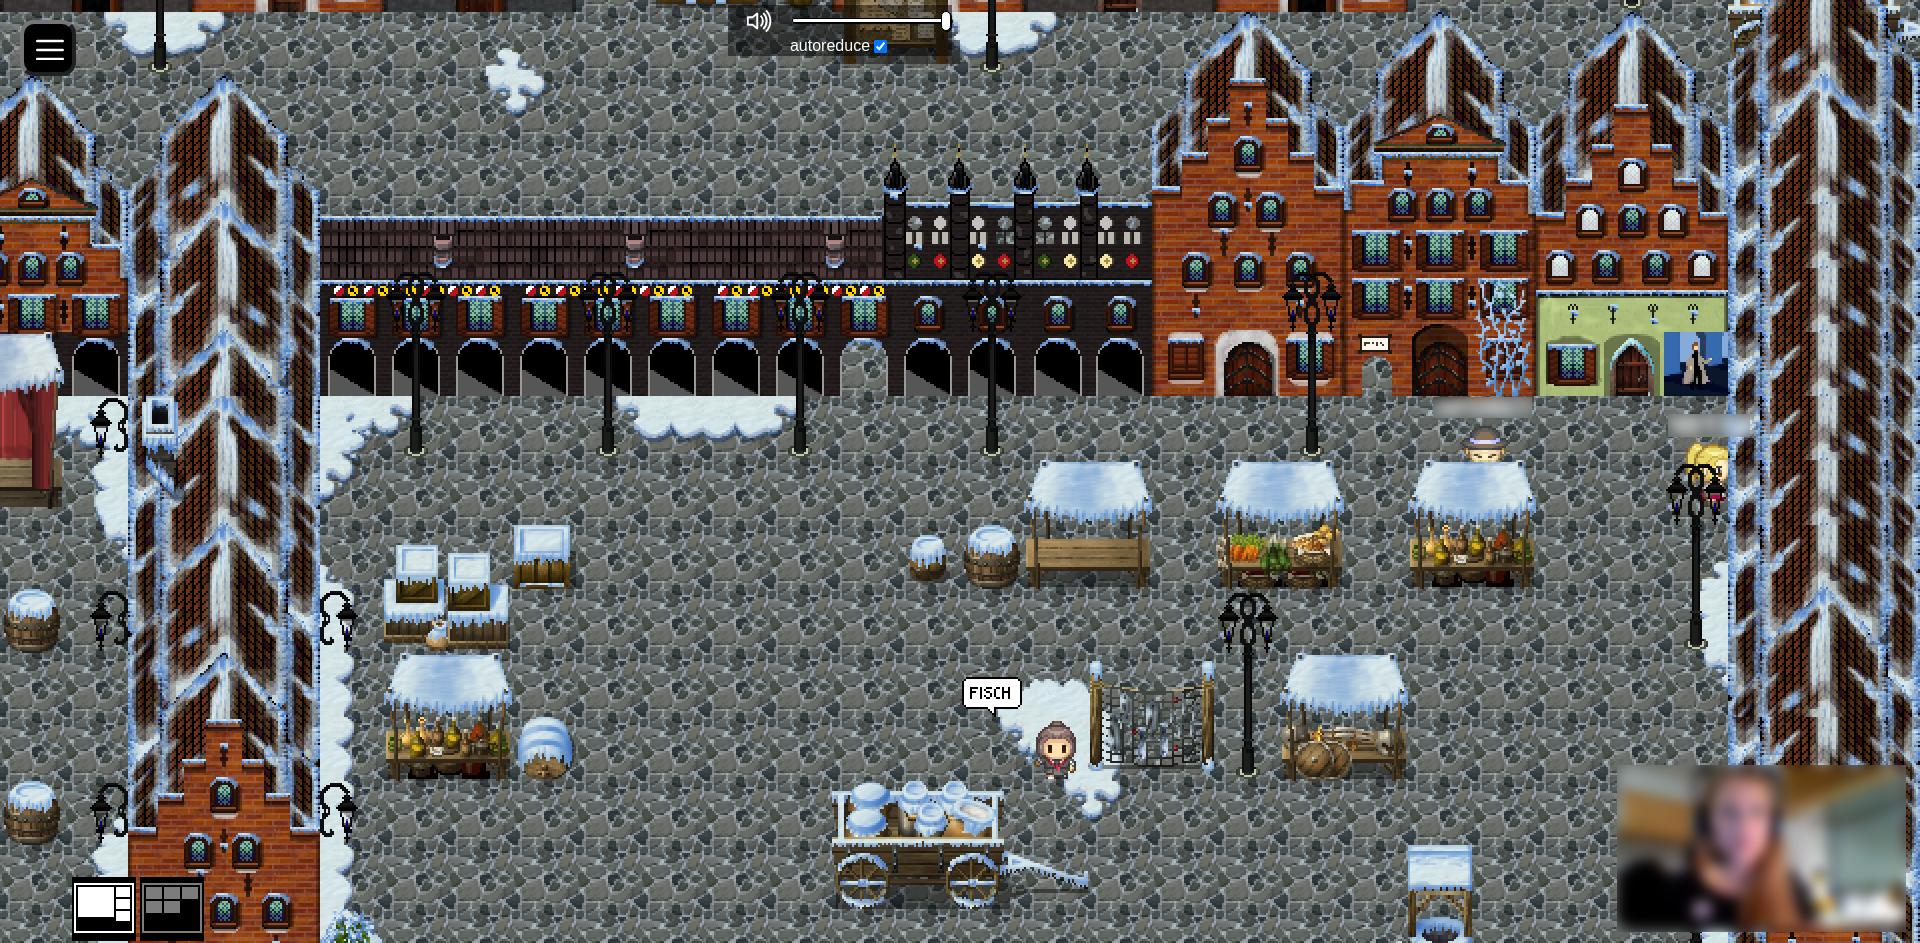 Der Screenshot zeigt den Nachbau des winterlichen Lübecker Marktplatzes. Es sind zudem das Rathaus und Häuser mit besonderen Giebelformen zu sehen. Auf dem Marktplatz stehen Marktstände, ein Holzkarren, Kisten und Fässer. Eine Nicht-Spieler-Figur bietet Fisch feil, zwei Avatare schlendern über den Markt.